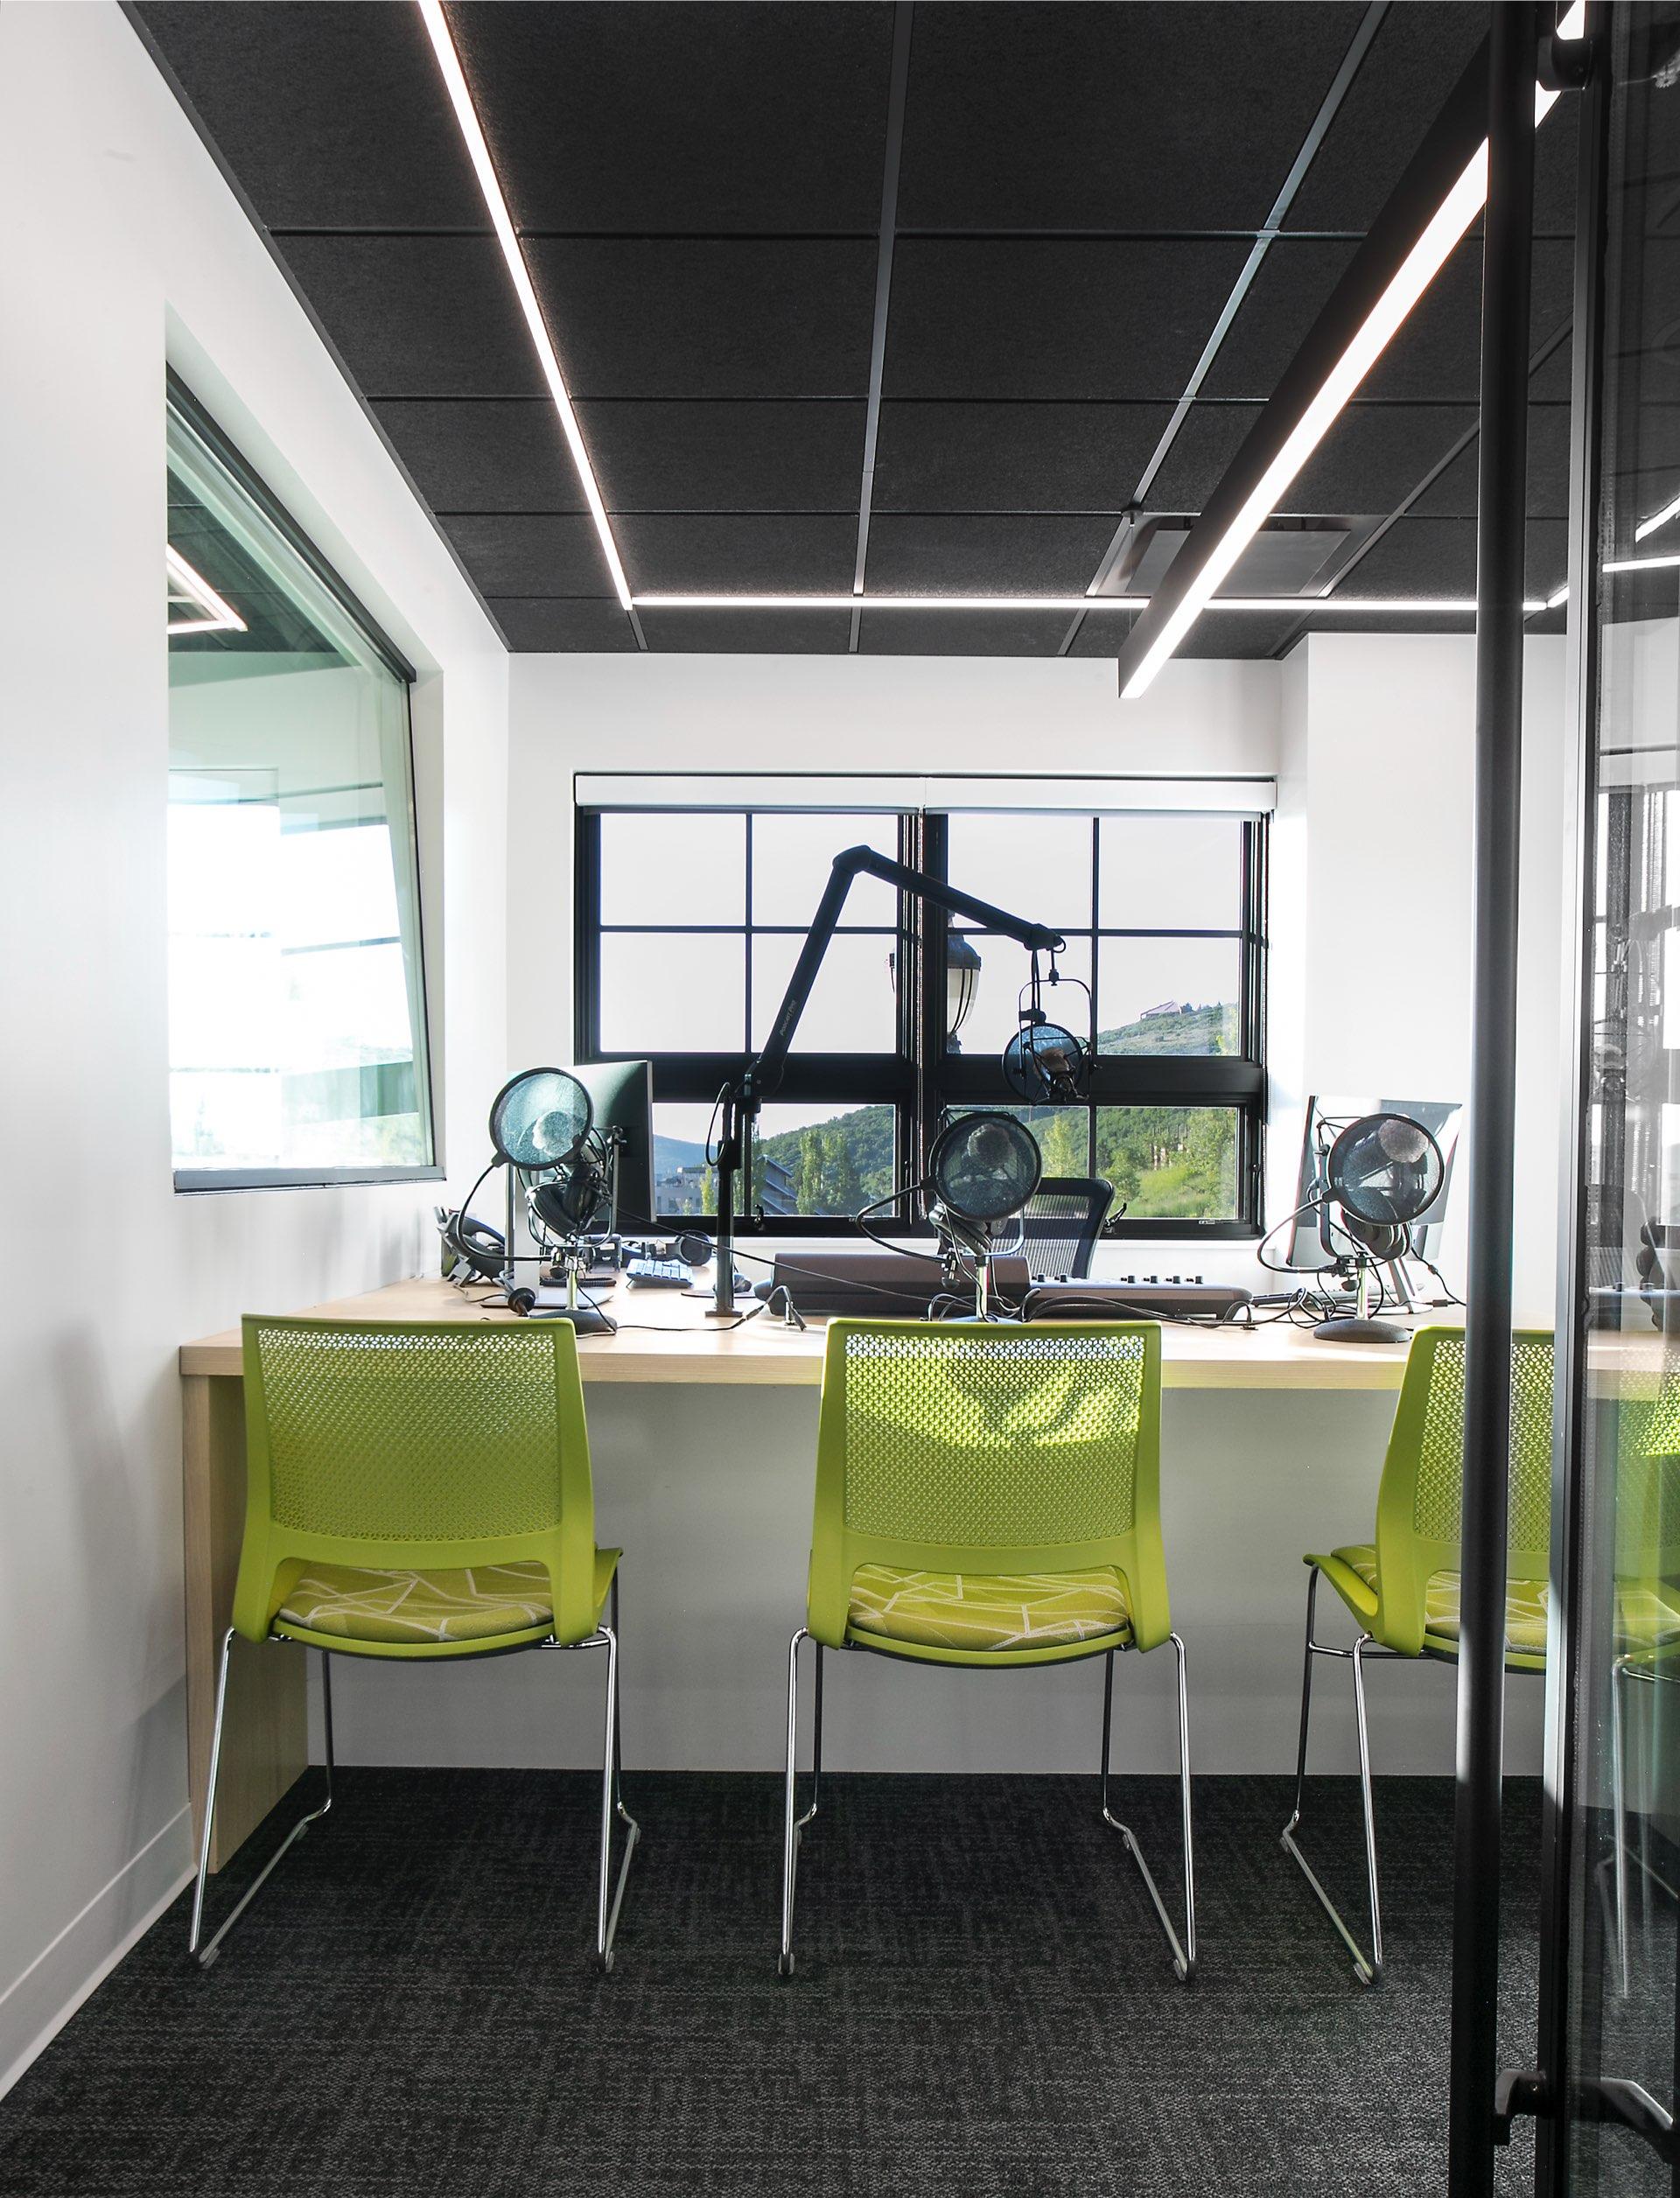 Studio, KPCW Radio, architectural design by Elliott Workgroup